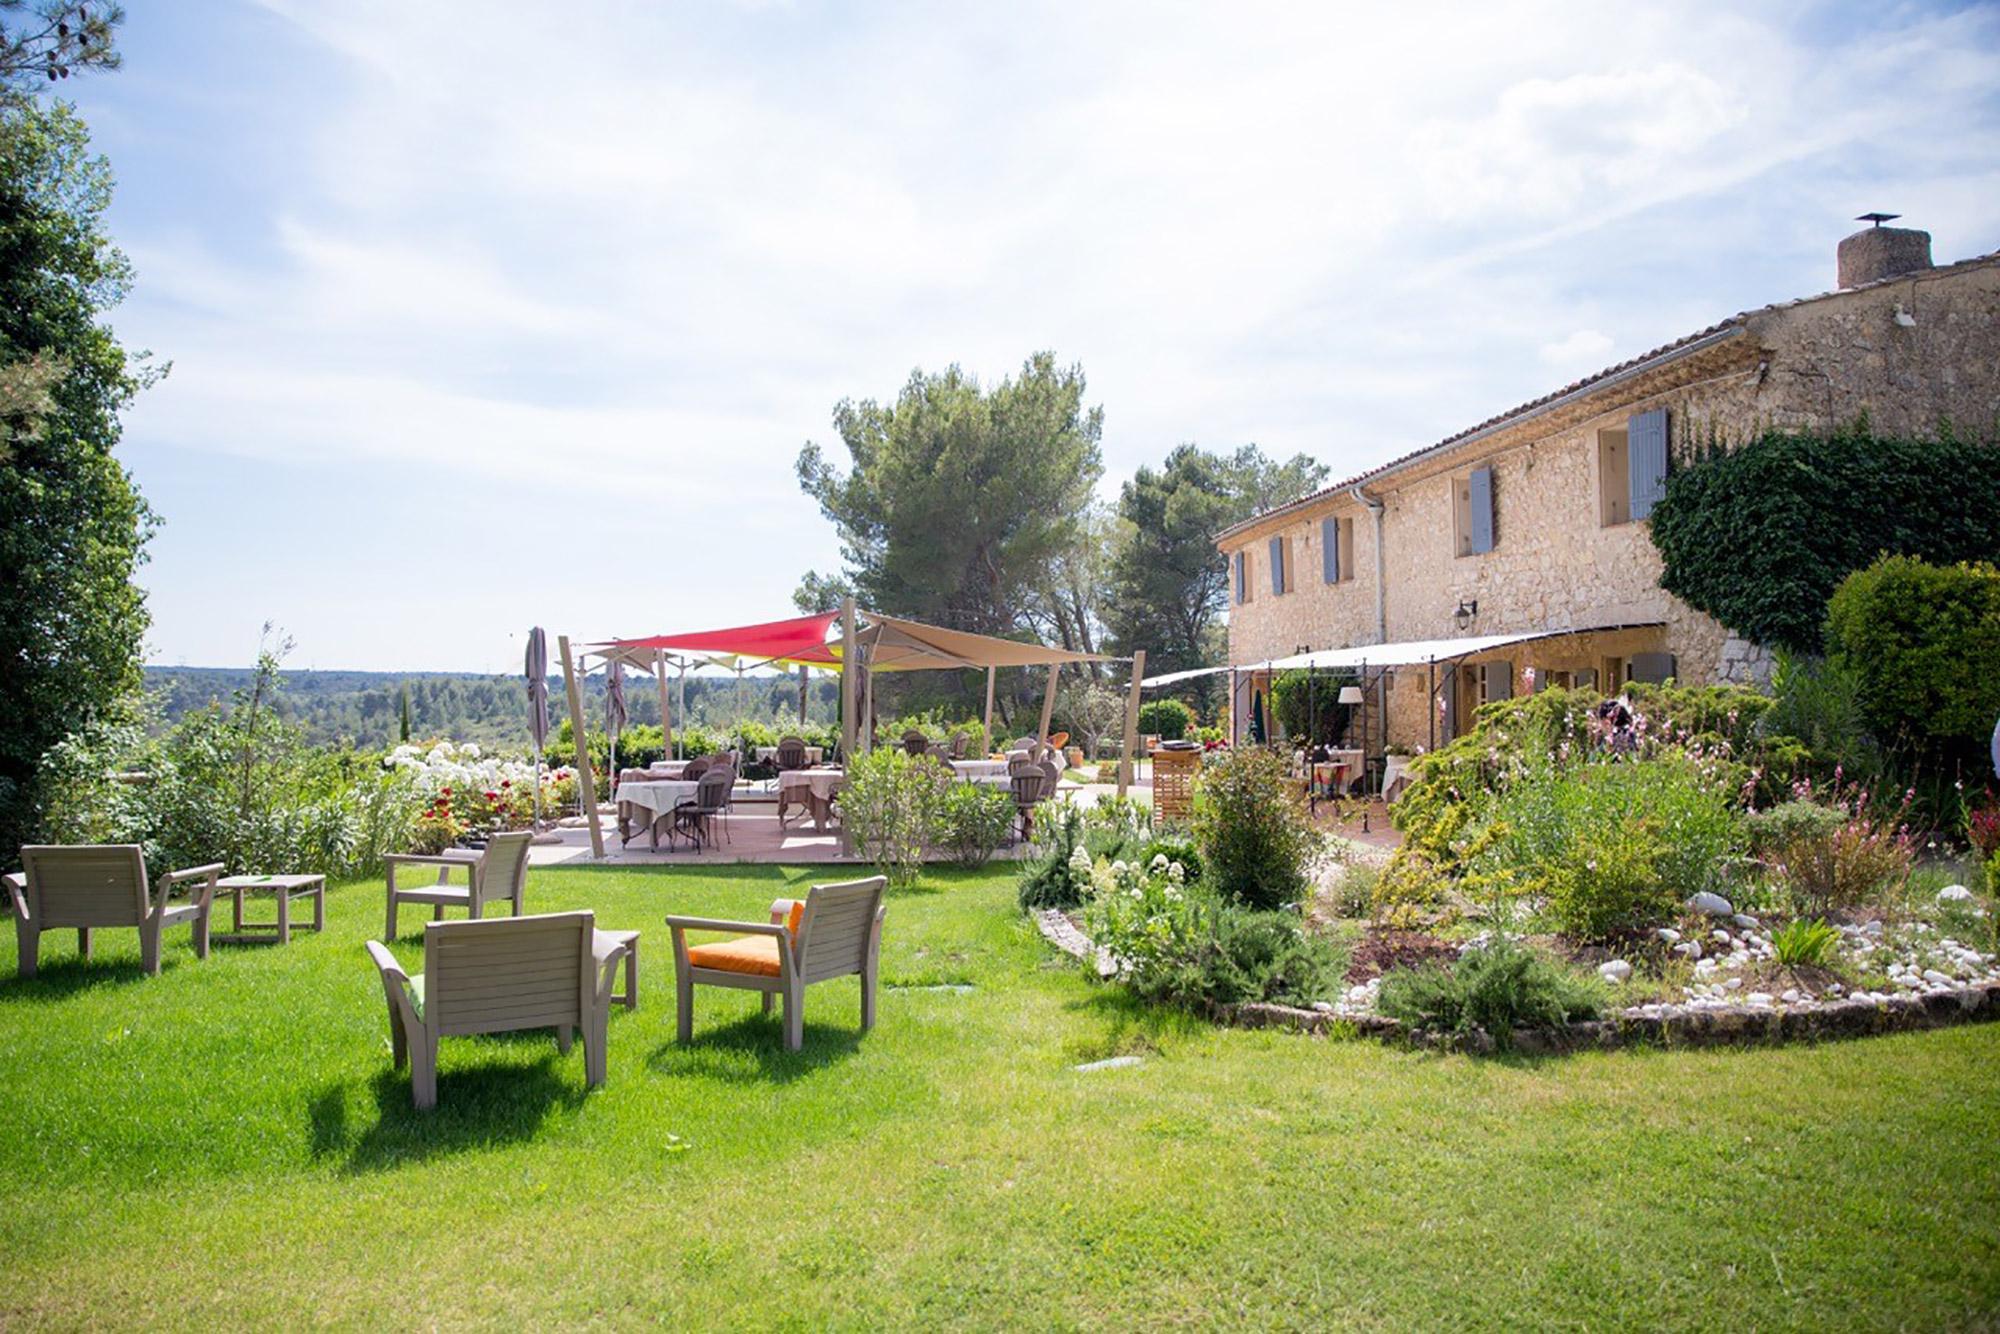 Jardin avec mobilier en bois, large pelouse et terrasse couverte à côté d'un Mas provençal